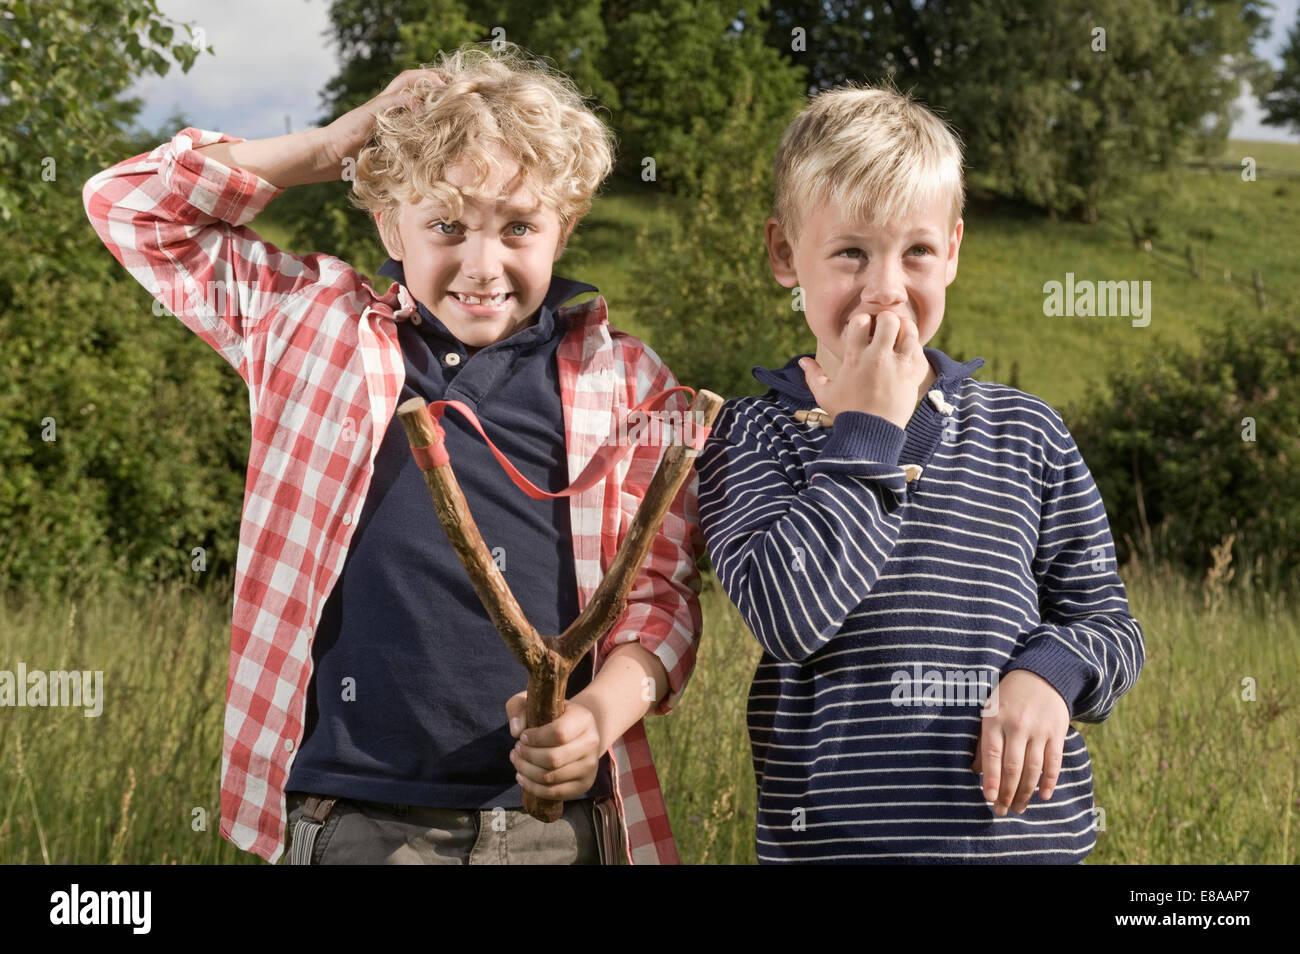 Les jeunes garçons slingshot problème d'anomalie d'accident Photo Stock